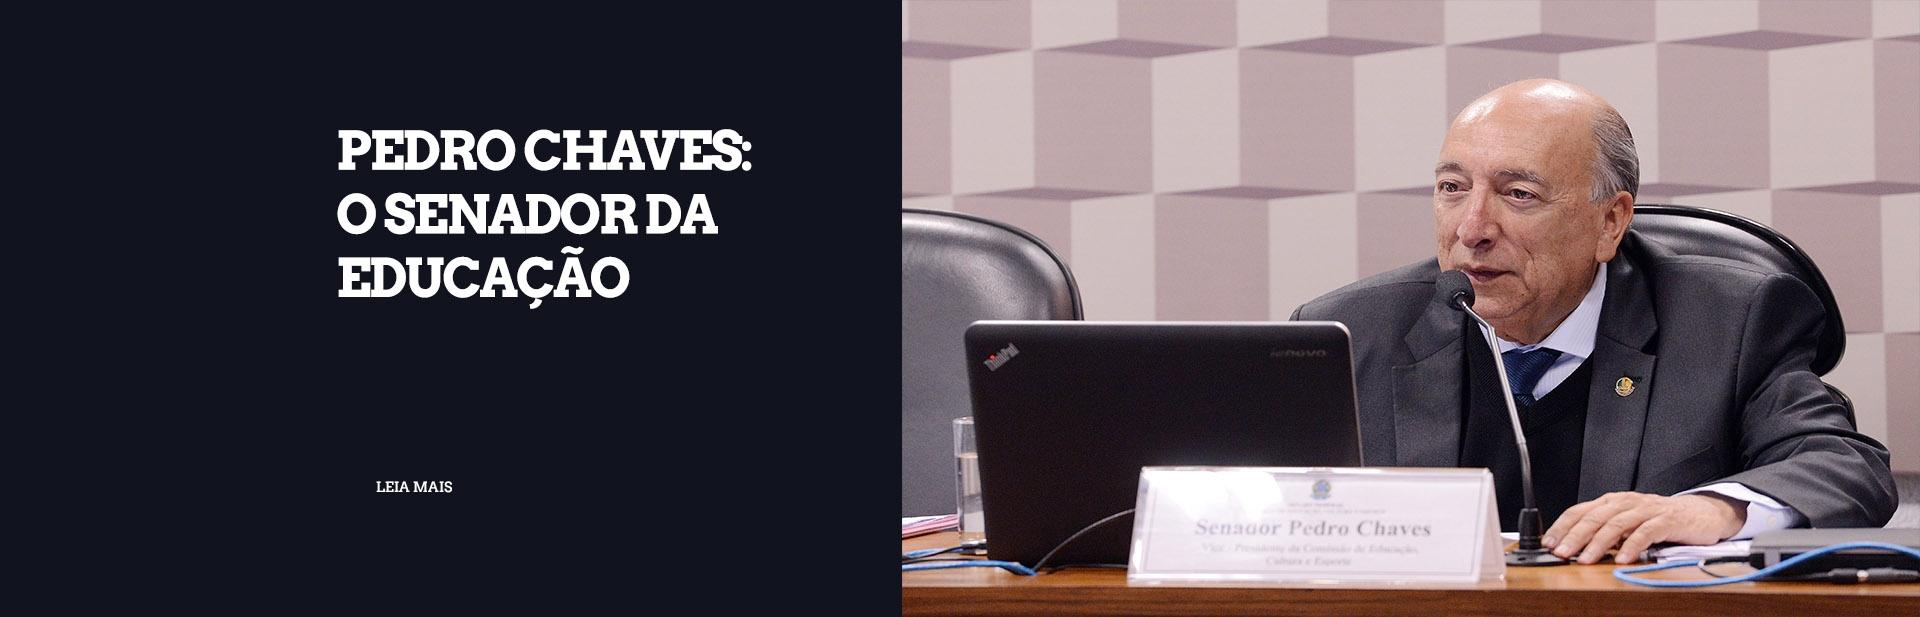 Pedro Chaves: o Senador da Educação